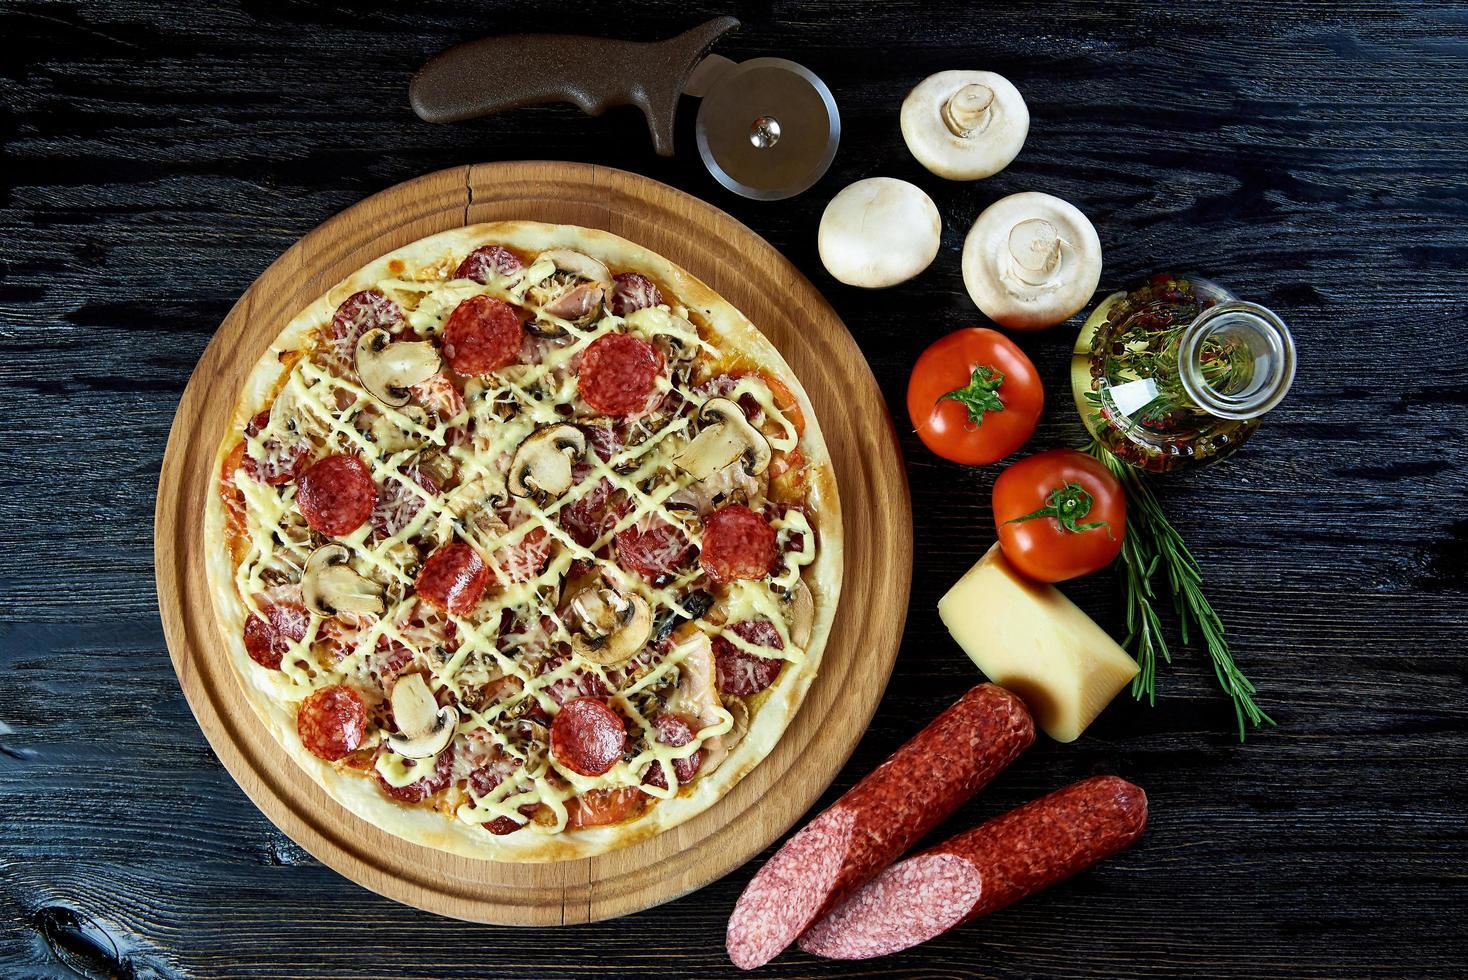 gebackene Pizza mit Zutaten foto